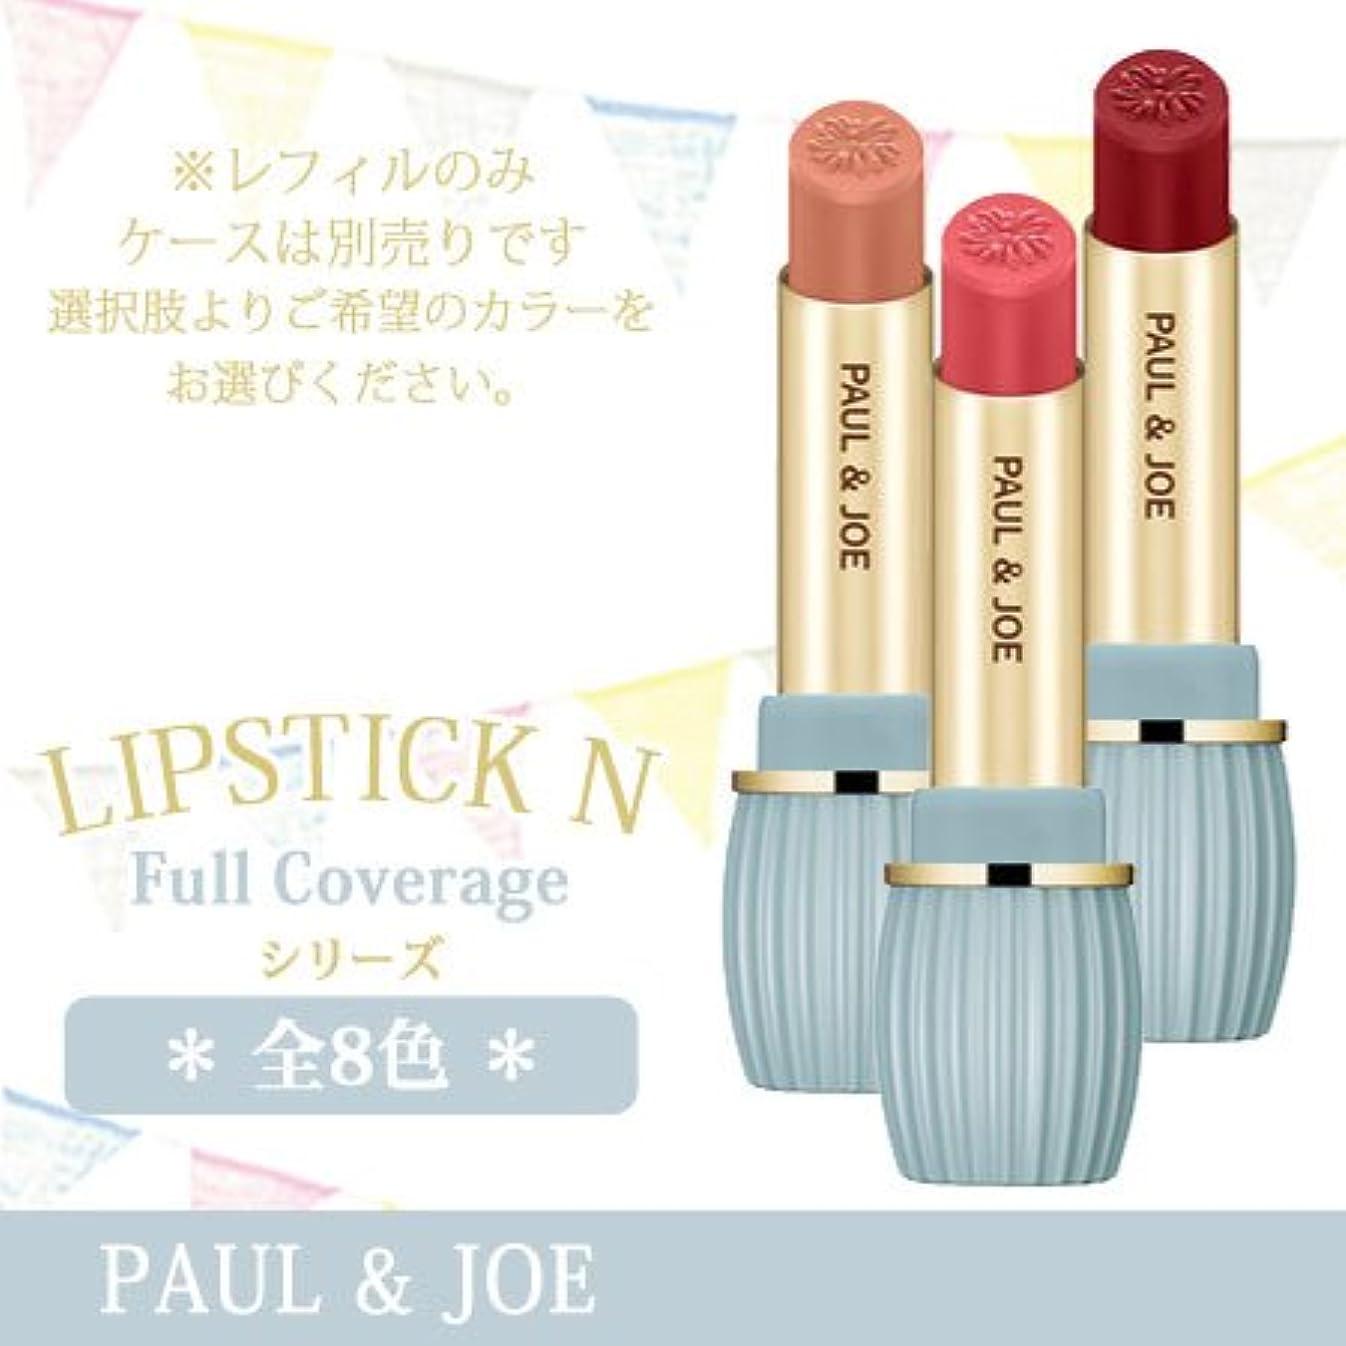 困難ビルダー宗教的なポール&ジョー リップスティック N レフィル Full Coverageシリーズ -PAUL&JOE-【並行輸入品】 302